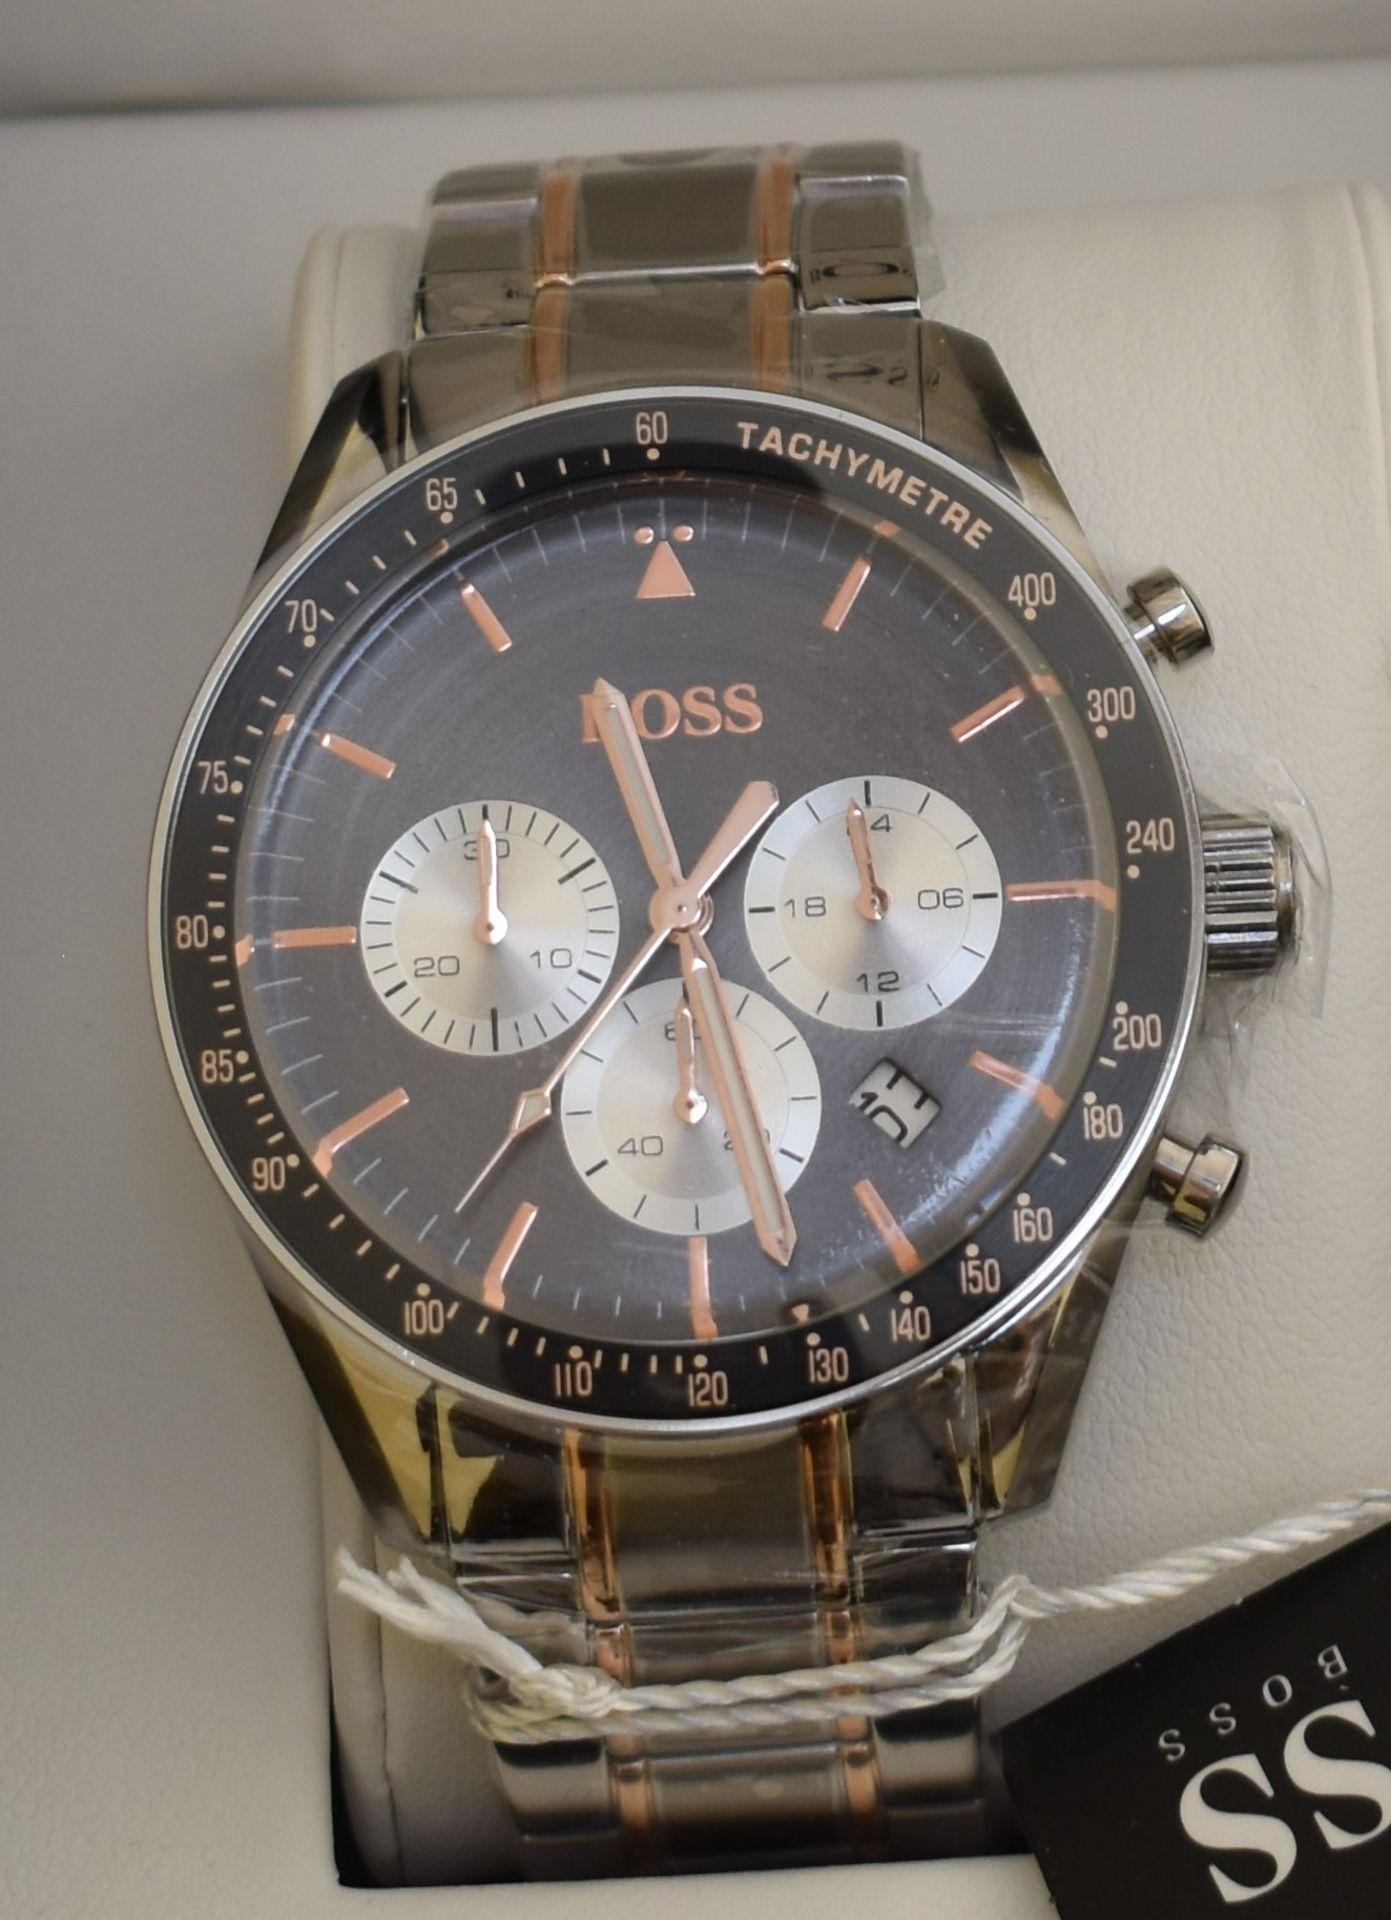 Hugo Boss Men's Watch HB1513634 - Image 2 of 2